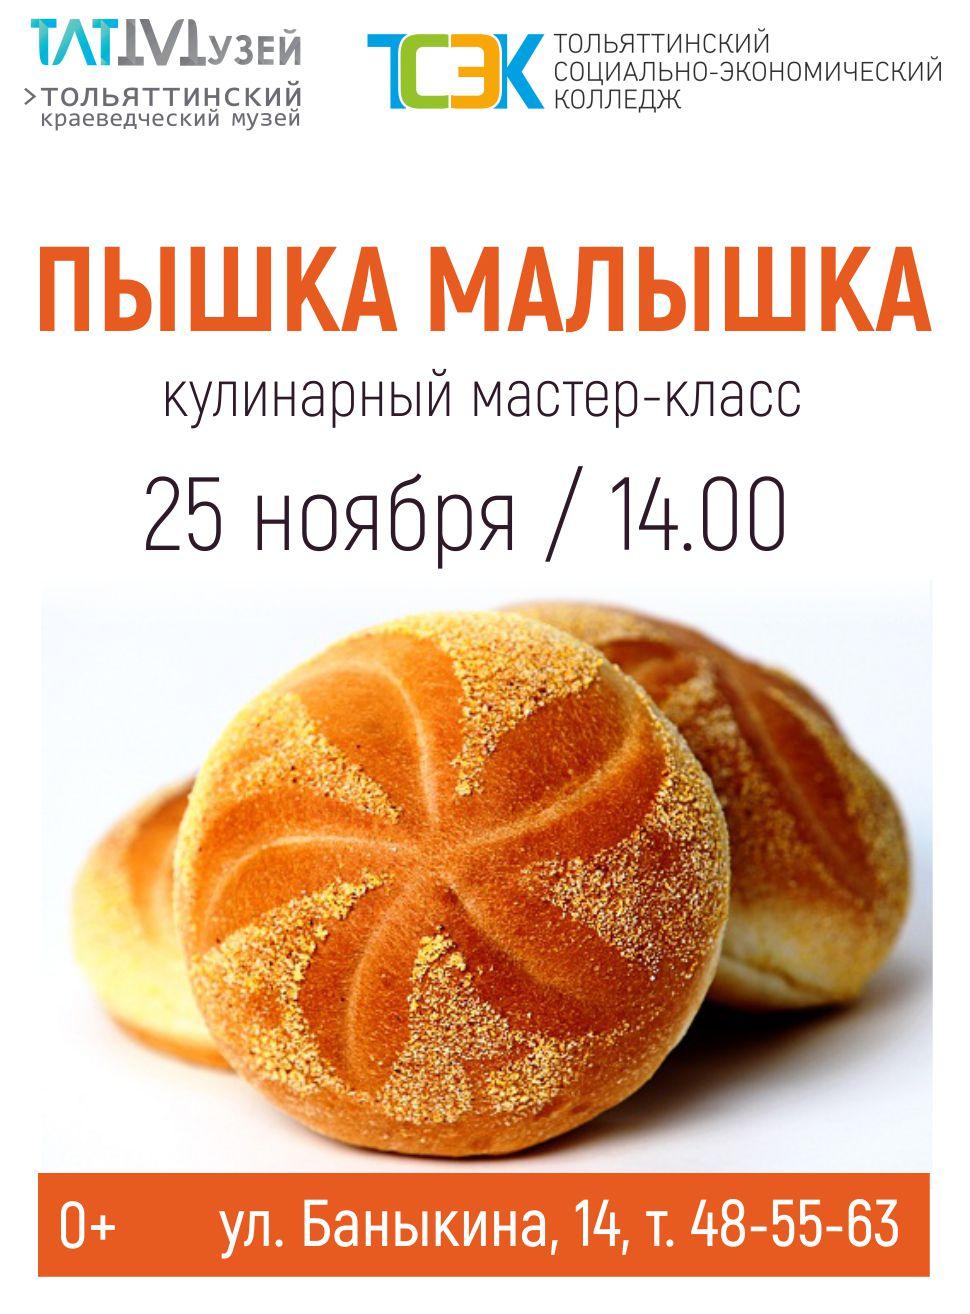 Кулинарный мастер-класс «ПЫШКА МАЛЫШКА»